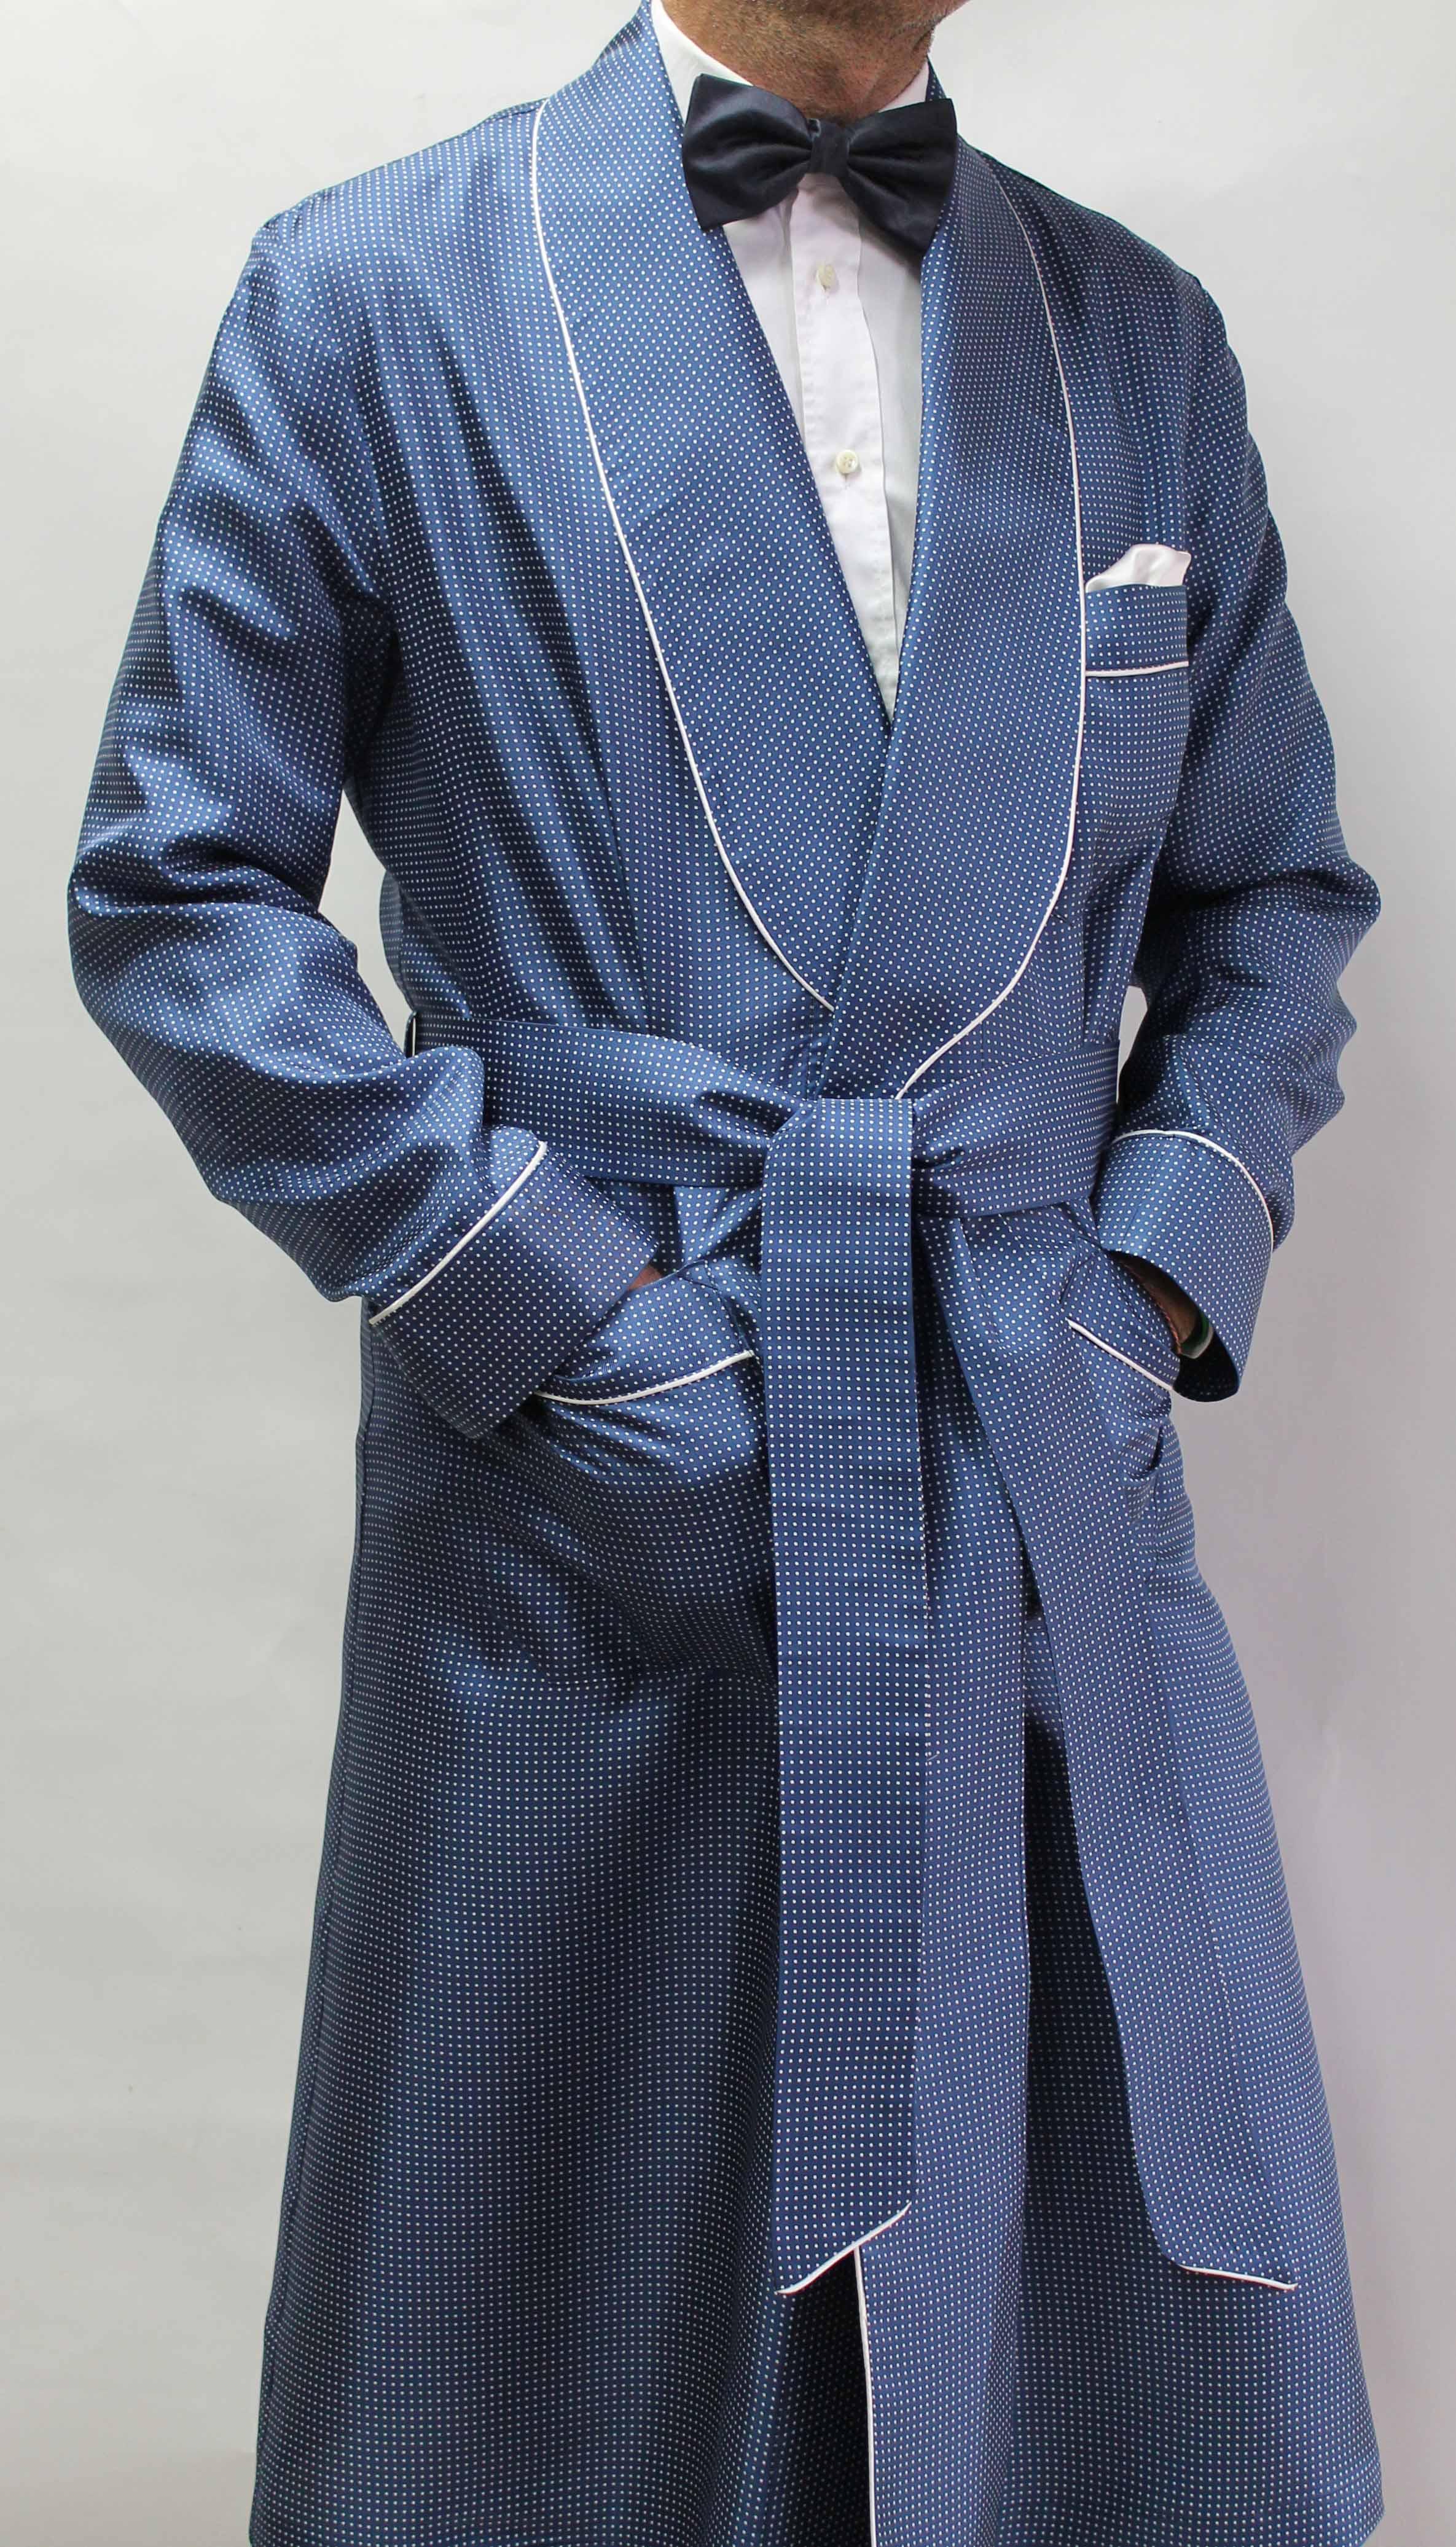 robe de chambre classique pour homme 100 soie twill imprim e avec passepoil. Black Bedroom Furniture Sets. Home Design Ideas